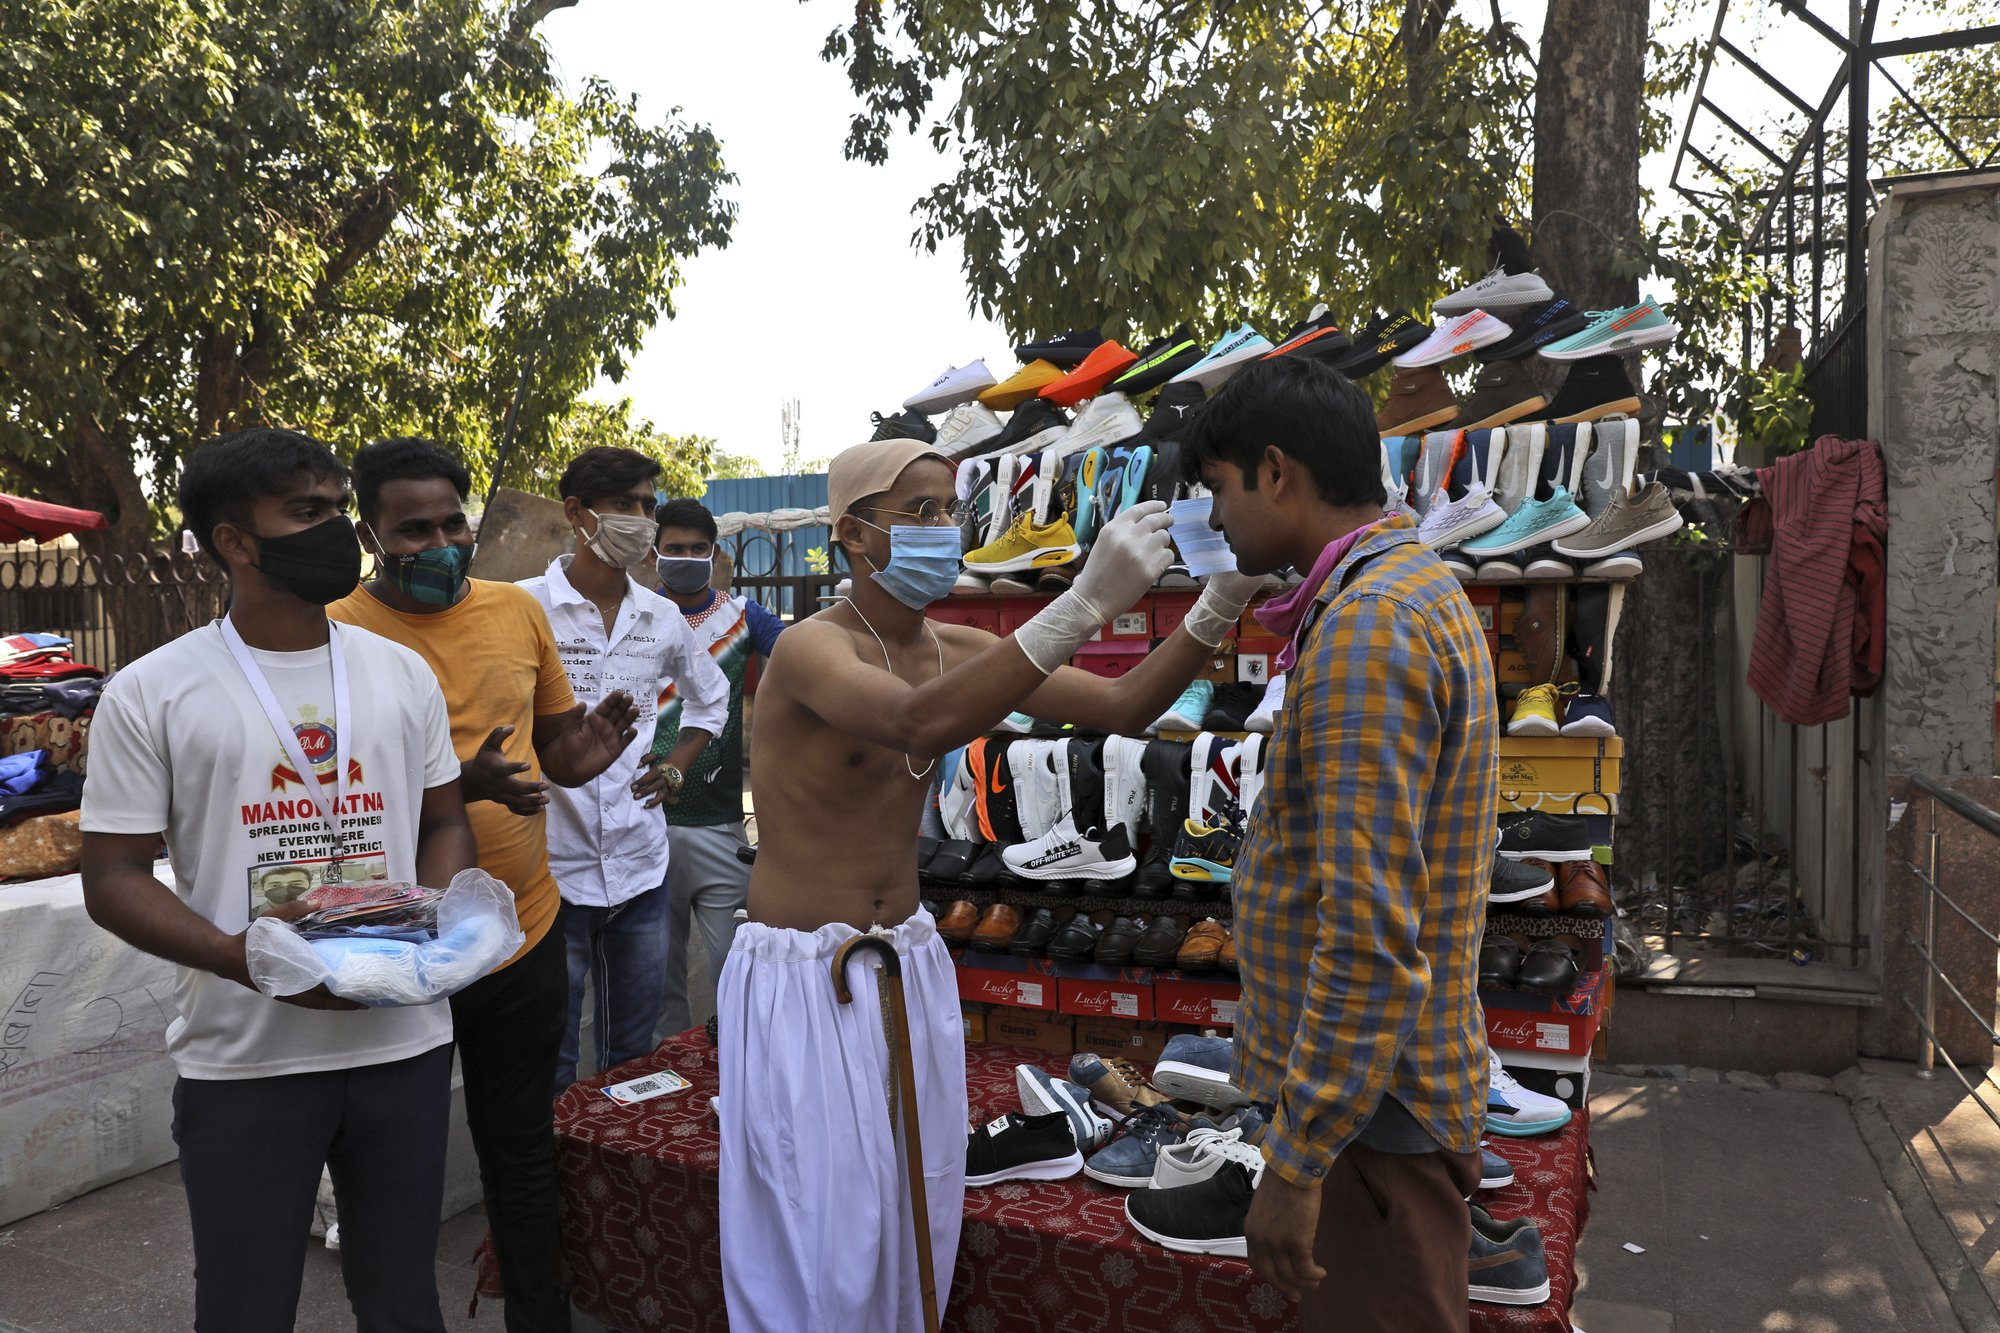 Nueva Delhi cuadruplica la multa para quienes no usen barbijos